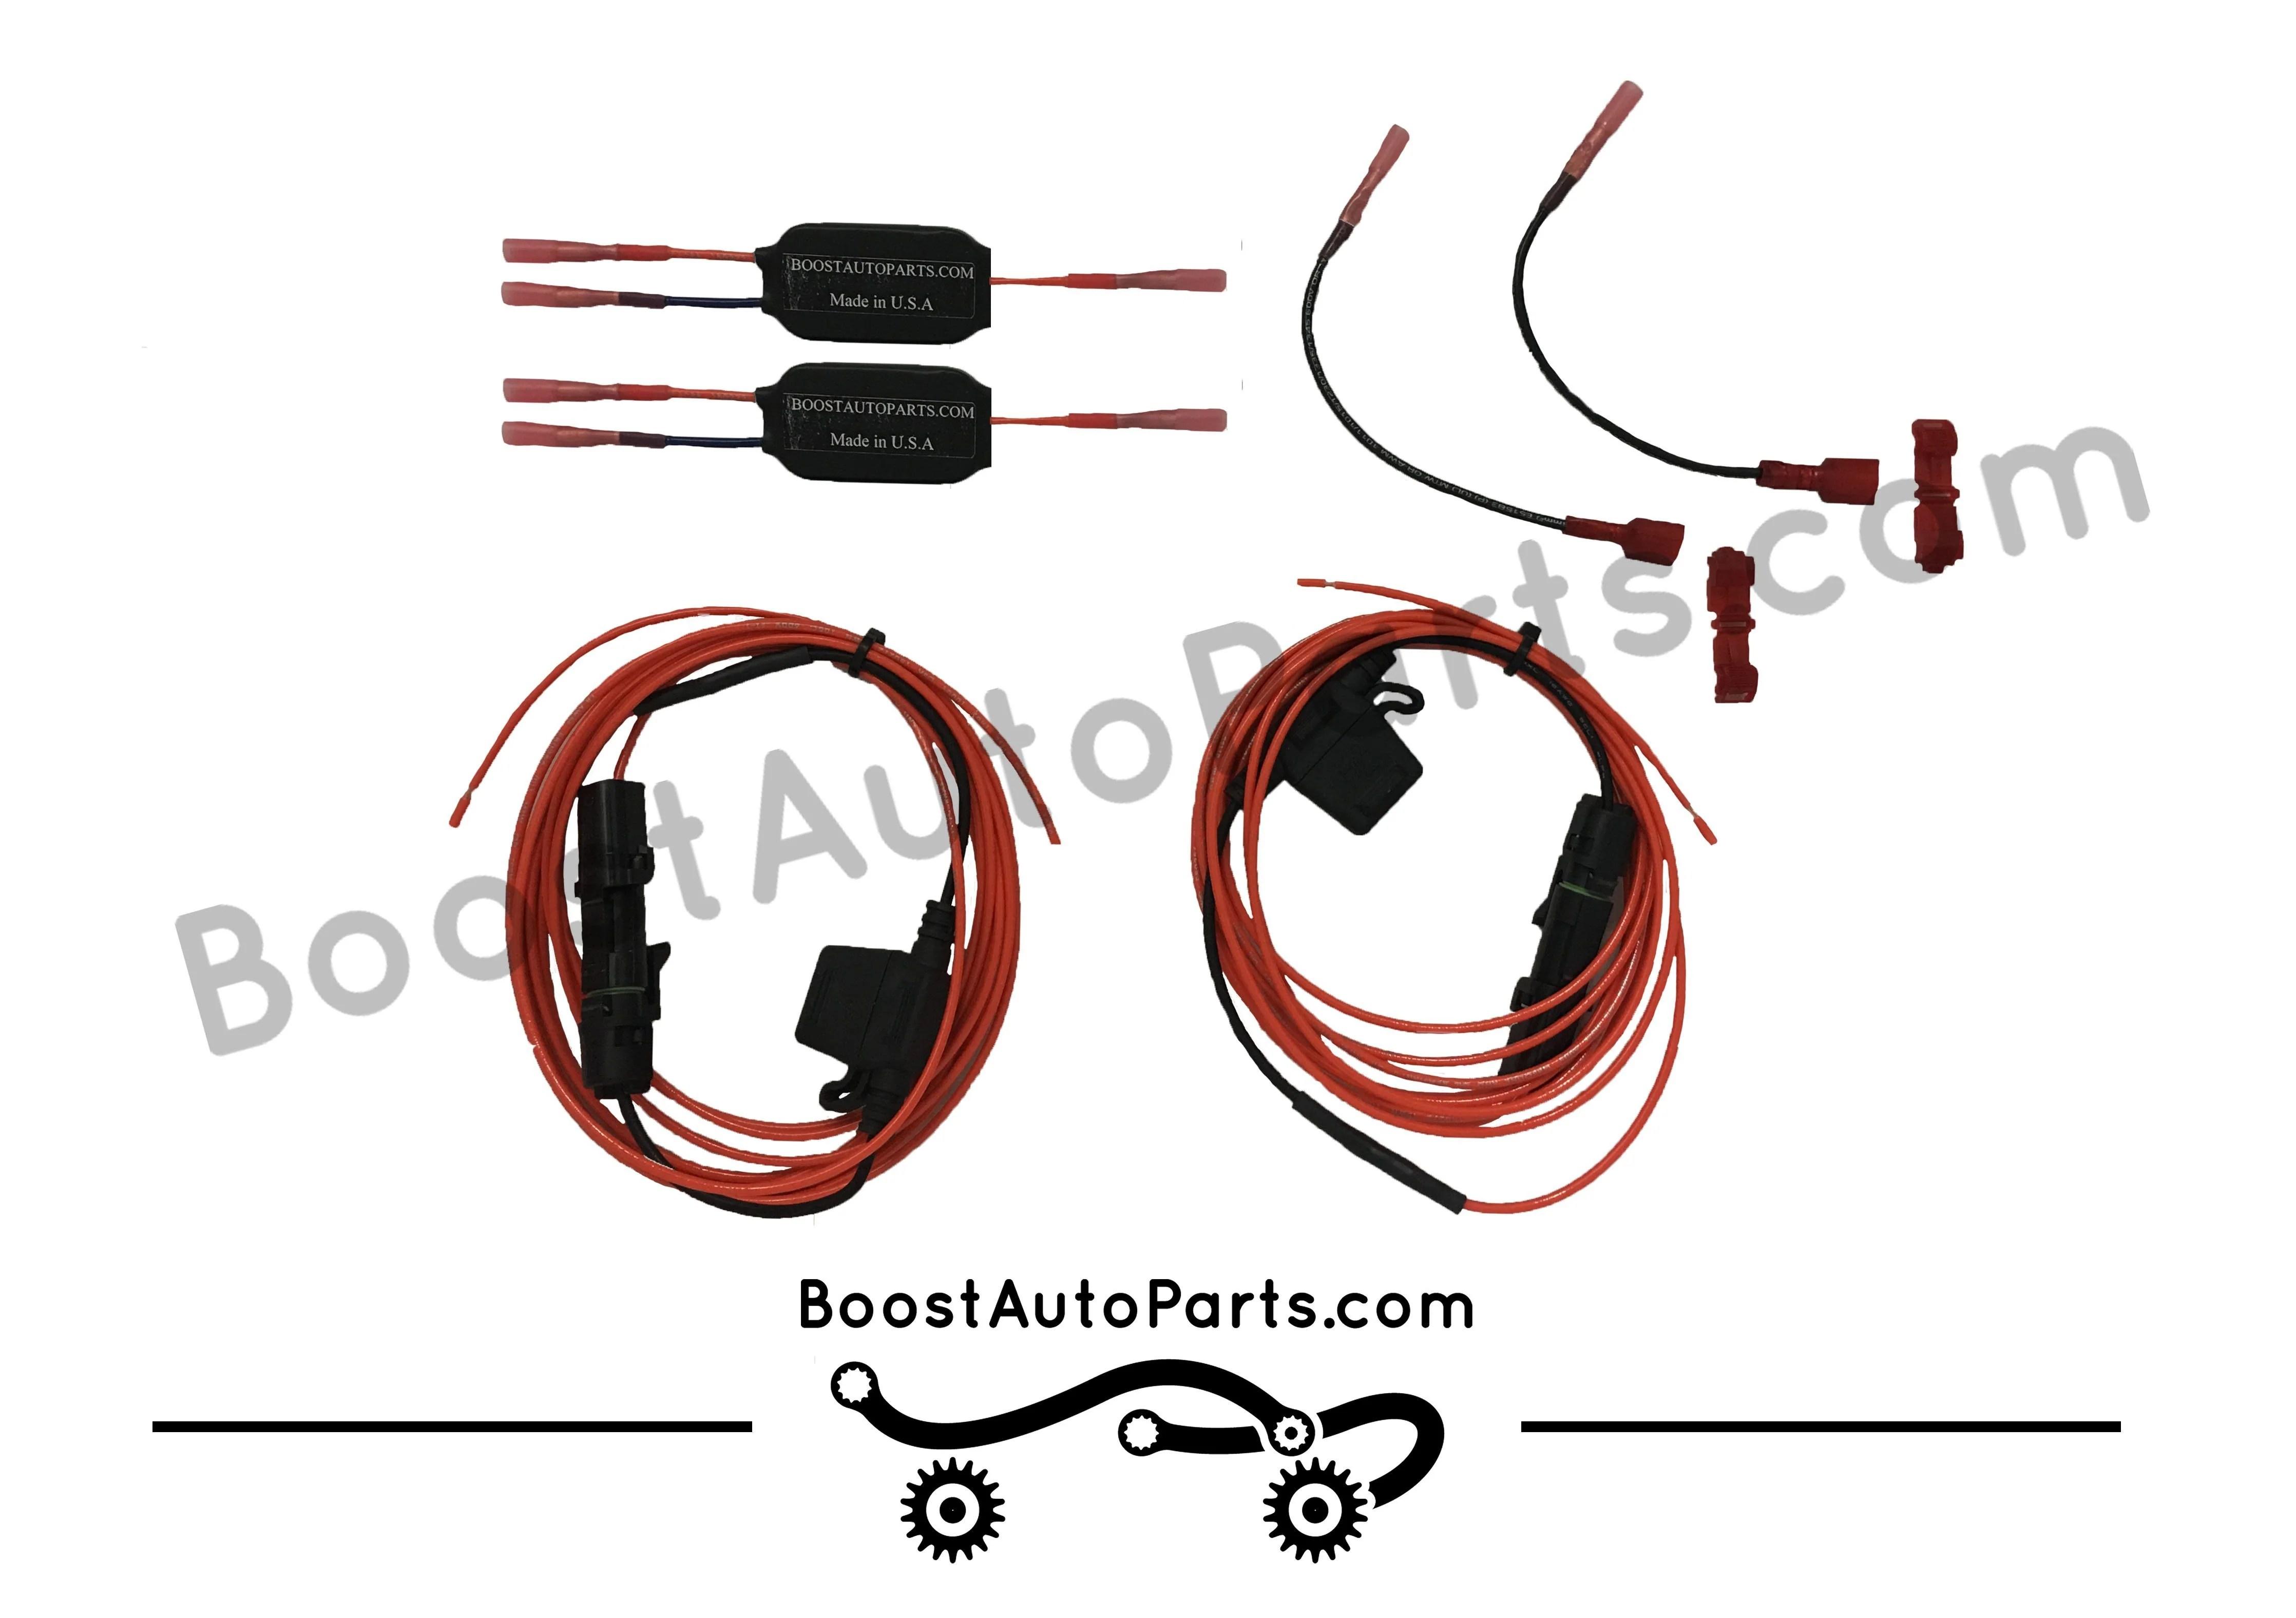 2003 dodge truck wiring harnes replacement [ 3999 x 2818 Pixel ]